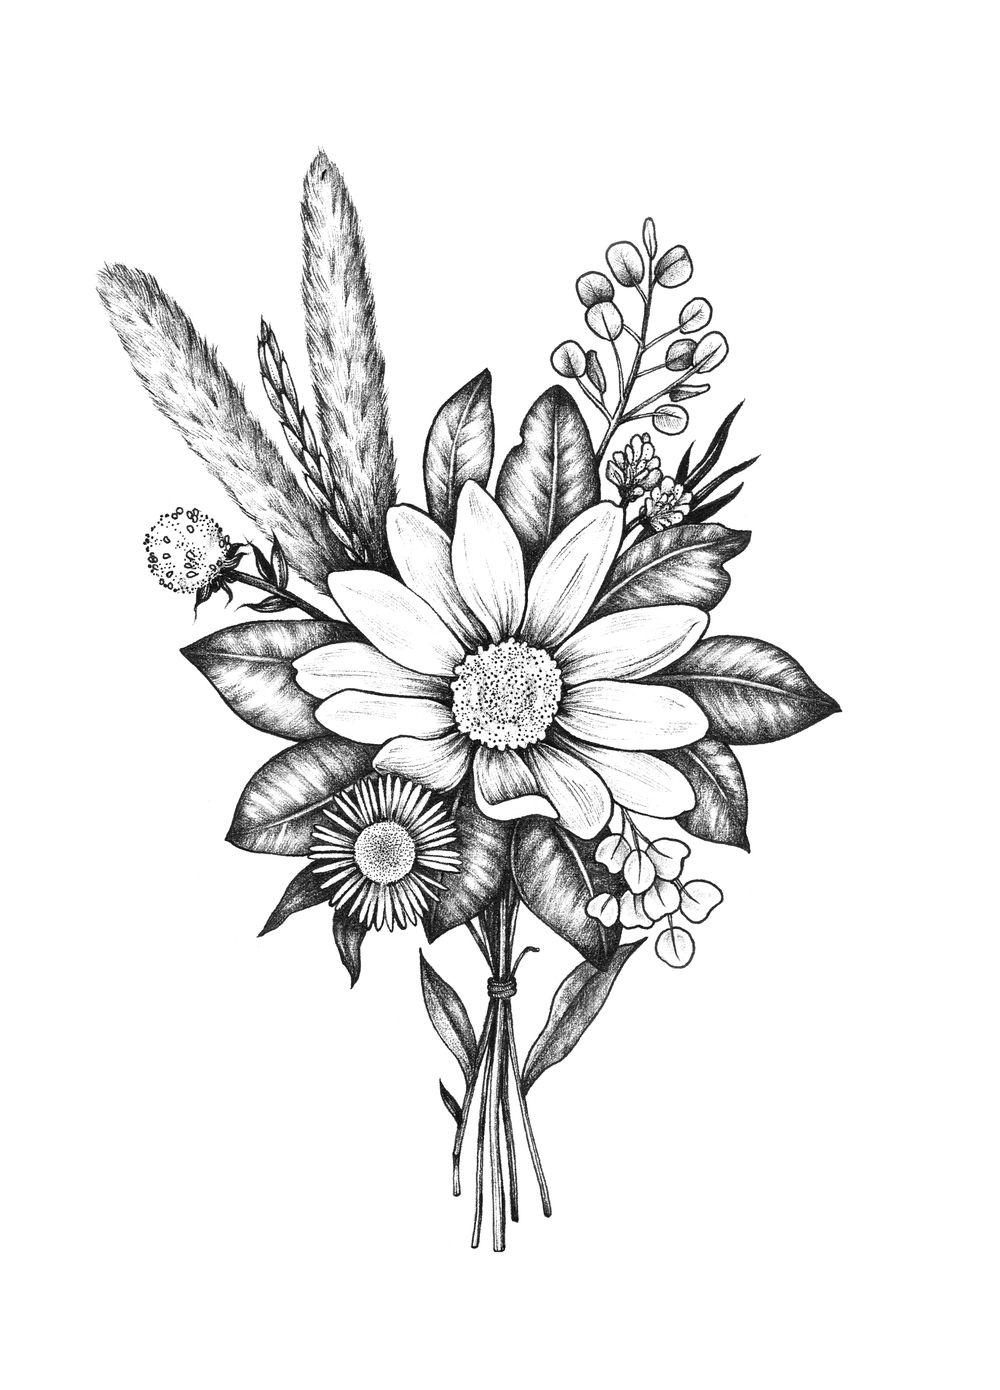 1421787246914 1 000 1 390 Pixels Bouquet Tattoo Tattoos Vintage Flower Tattoo